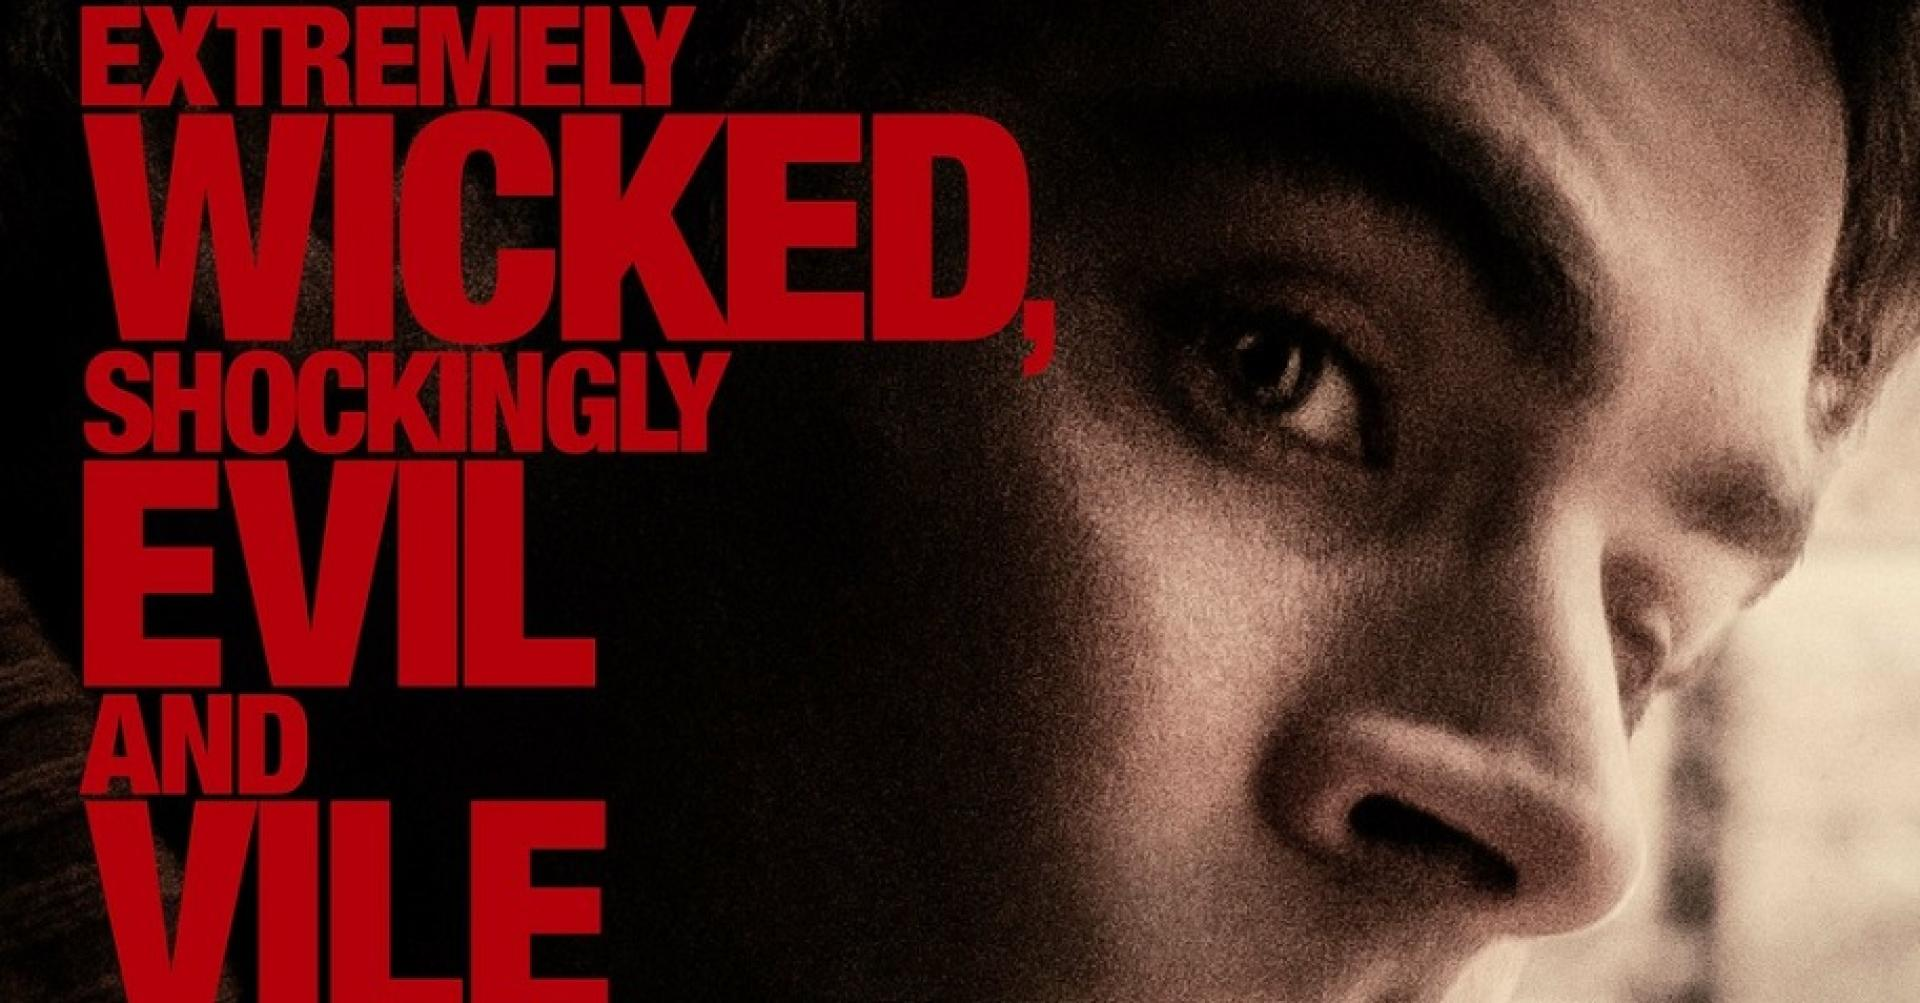 Extremely Wicked, Shockingly Evil and Vile – Átkozottul veszett, sokkolóan gonosz és hitvány (2019)